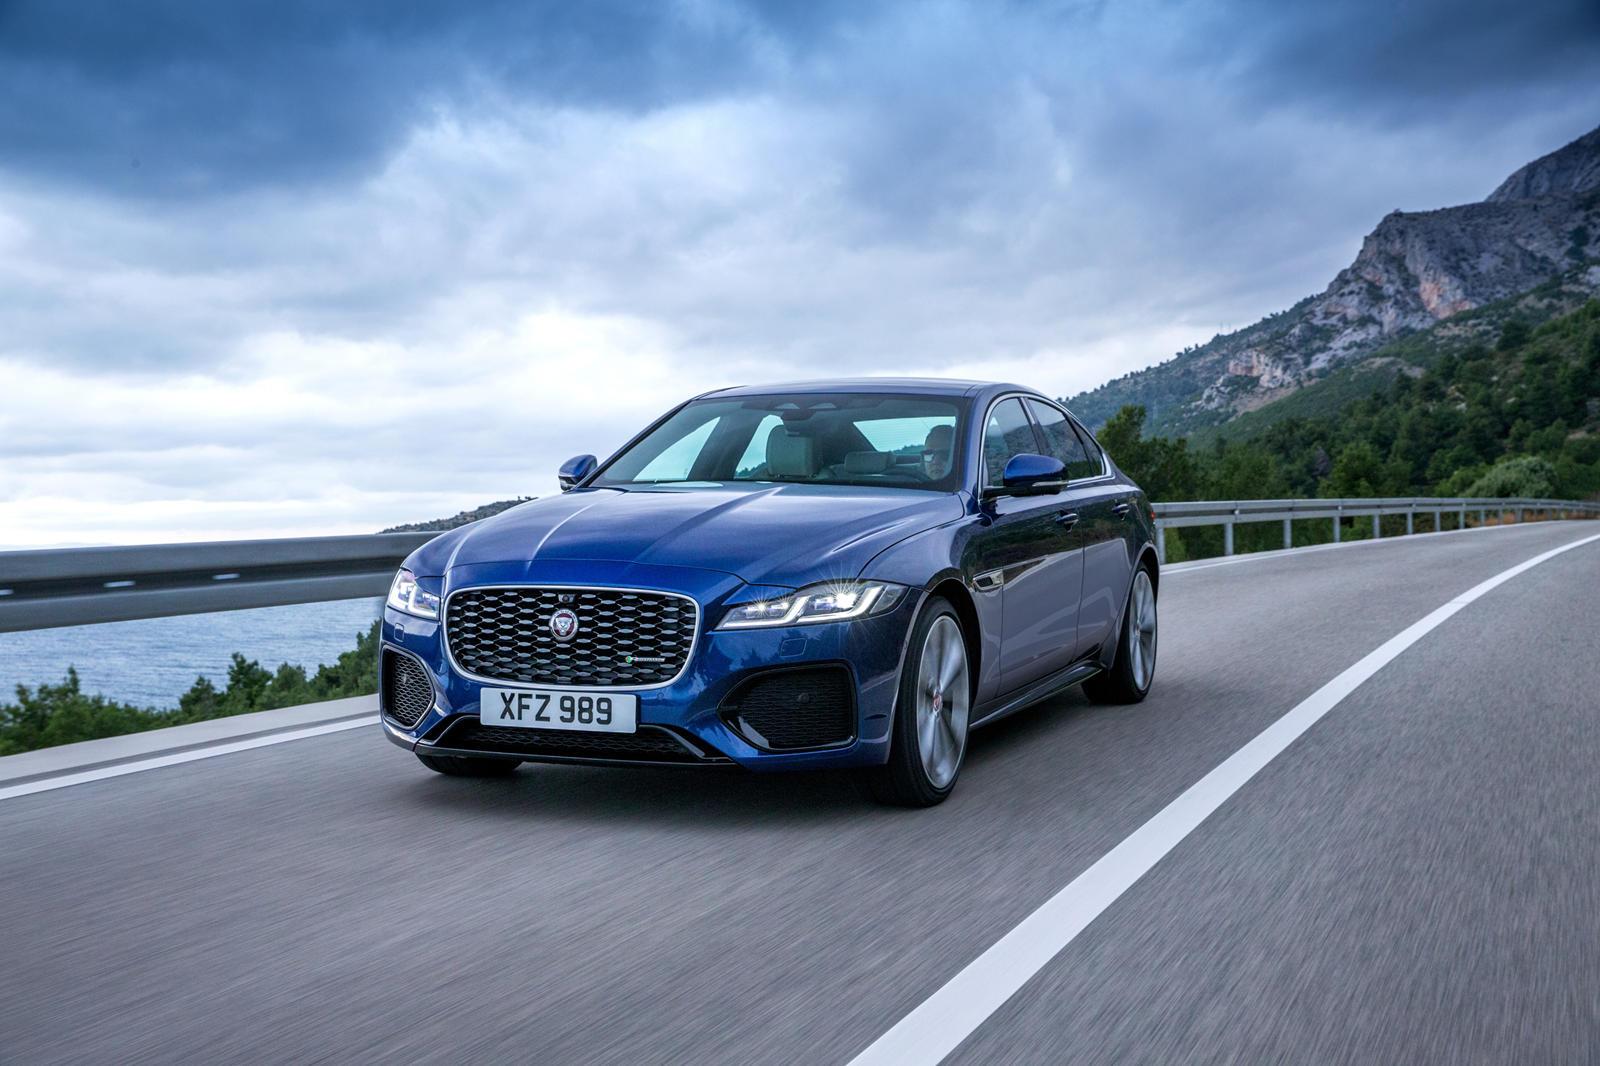 2021 Jaguar XF Sedan: Review, Trims, Specs, Price, New ...